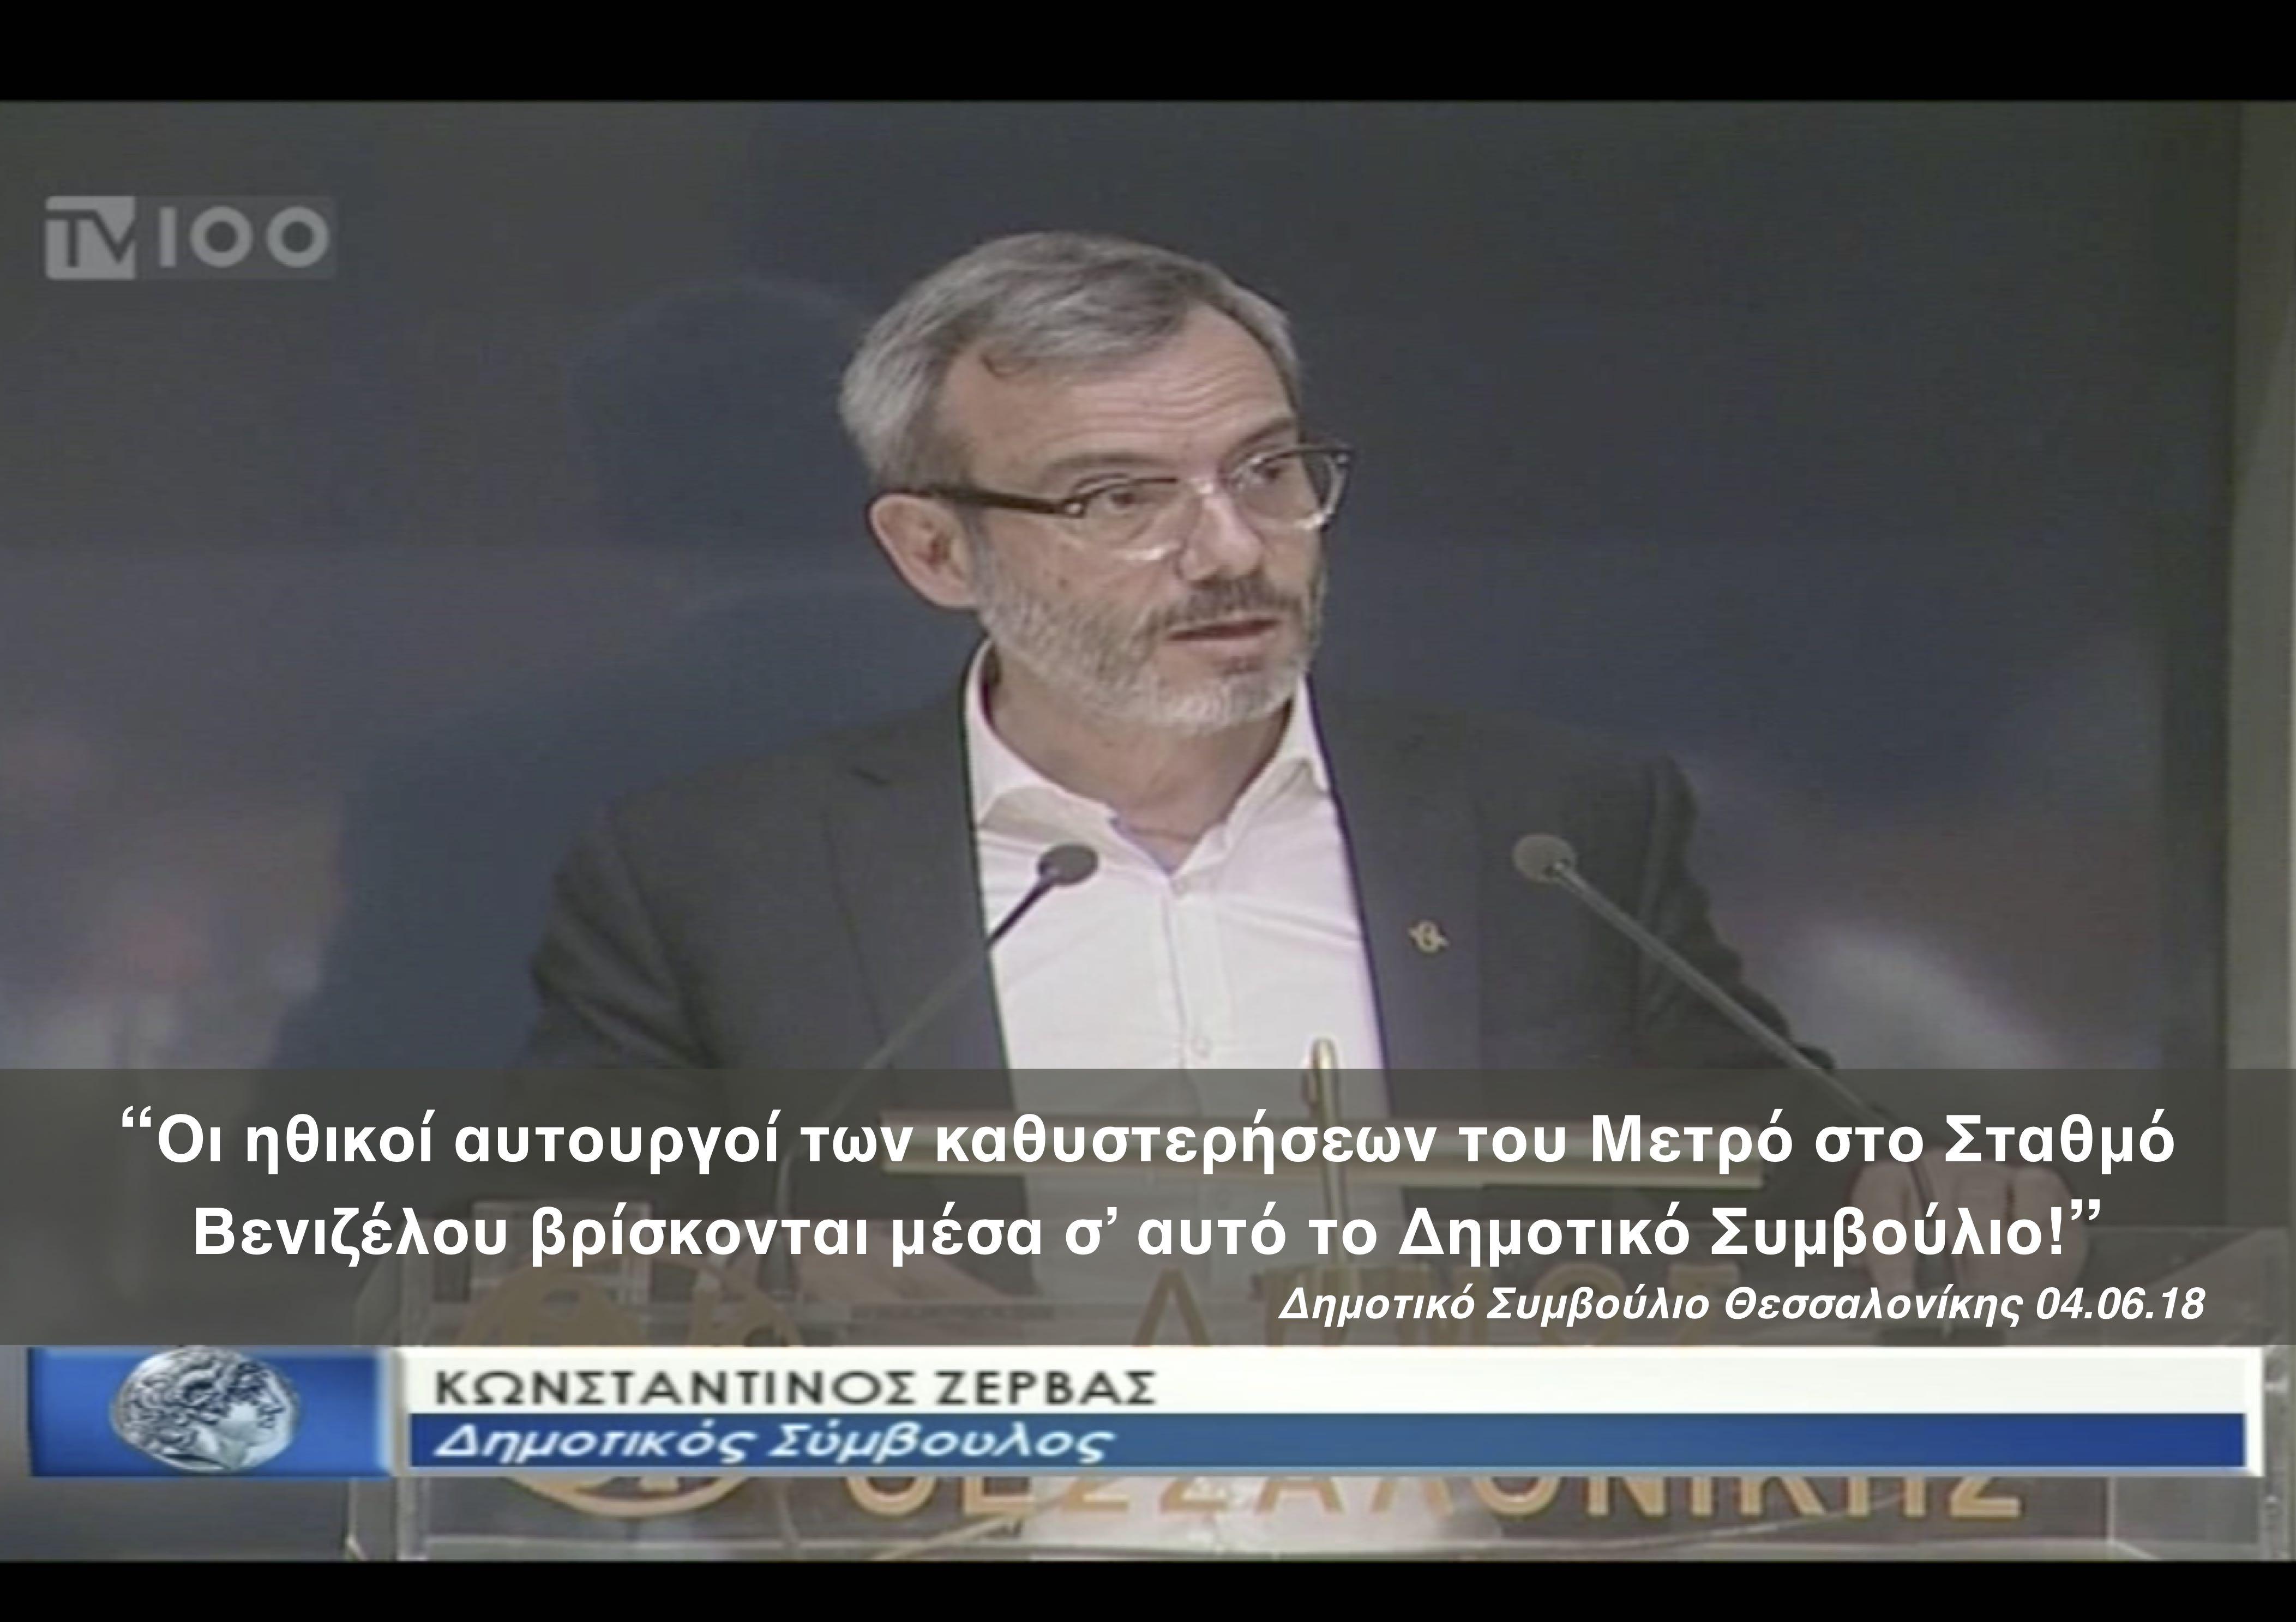 Τοποθέτηση για τις καθυστερήσεις στο Μετρό Θεσσαλονίκης